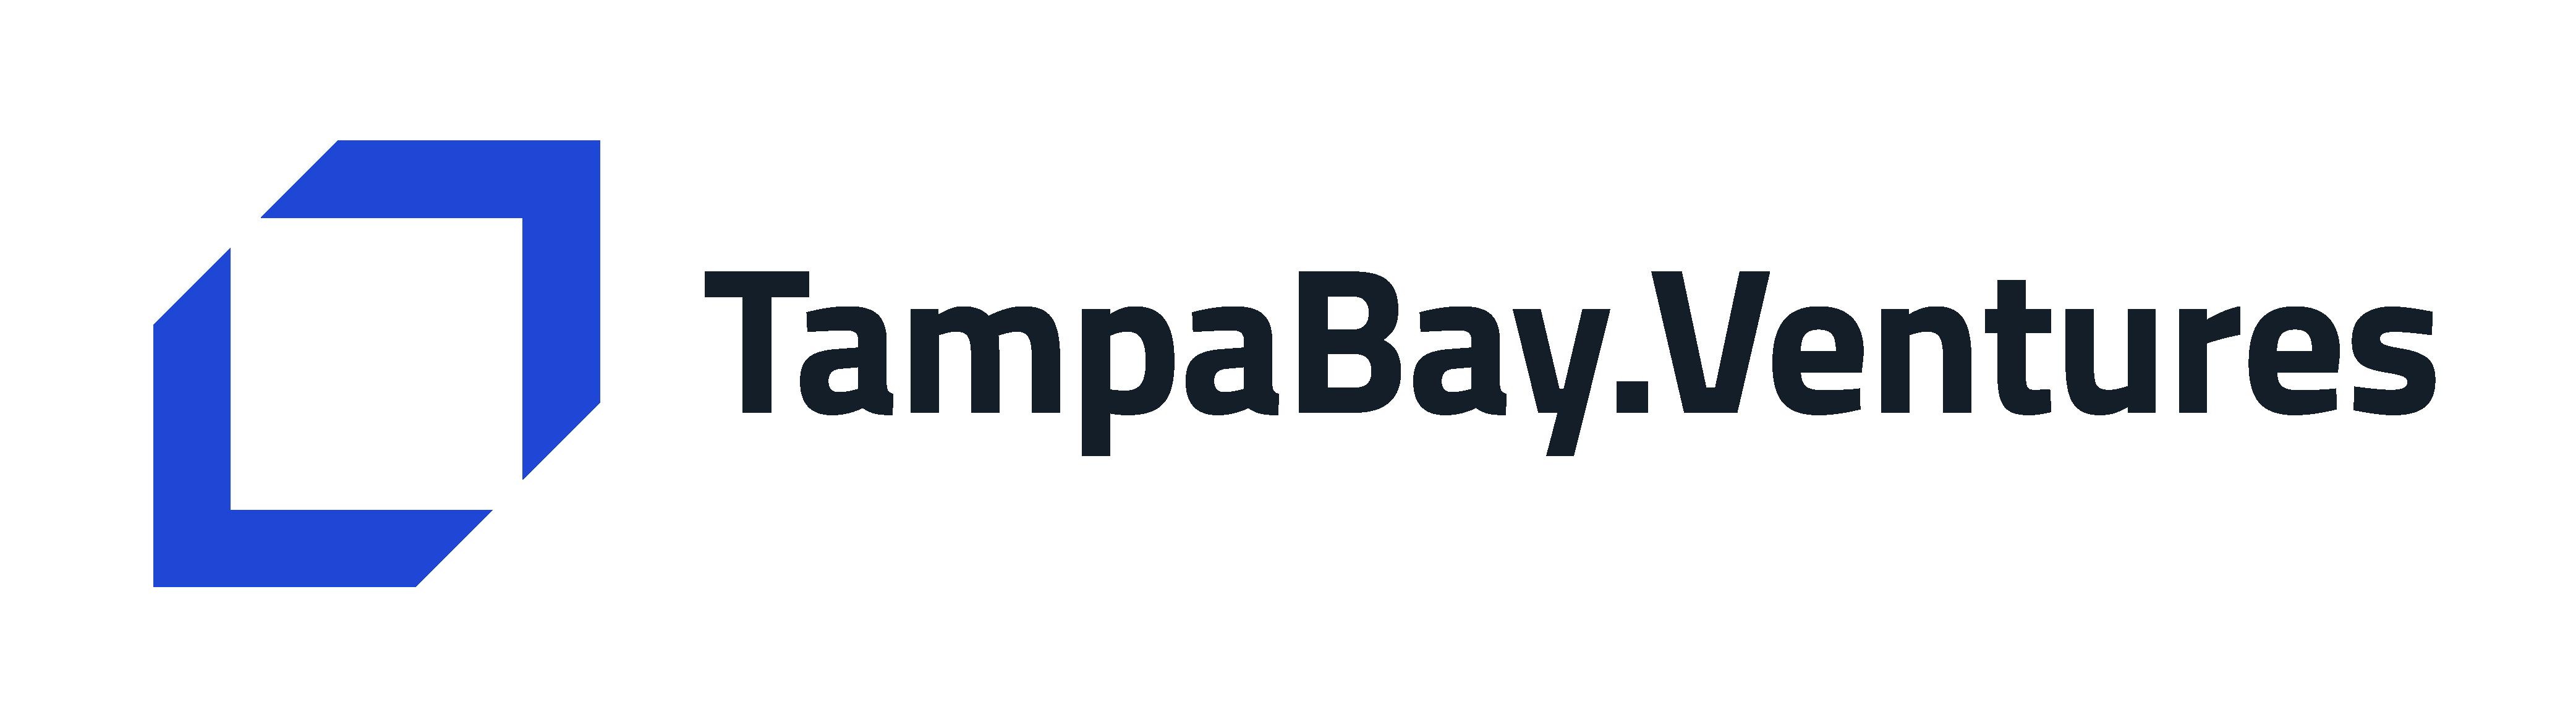 Logo for TampaBay.Ventures